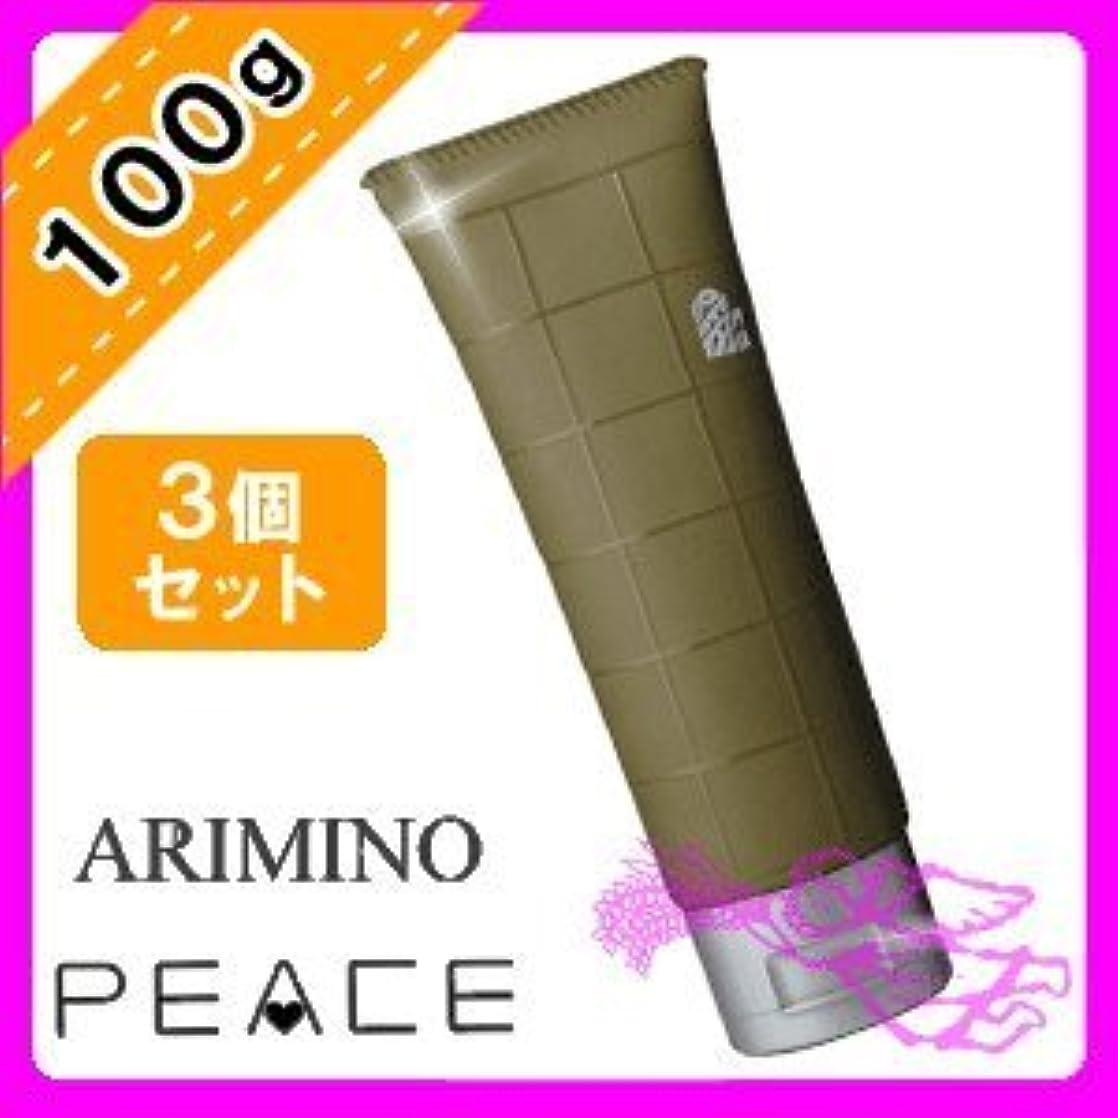 通り資源官僚アリミノ ピース ウェットオイル ワックス 100g ×3個セット arimino PEACE